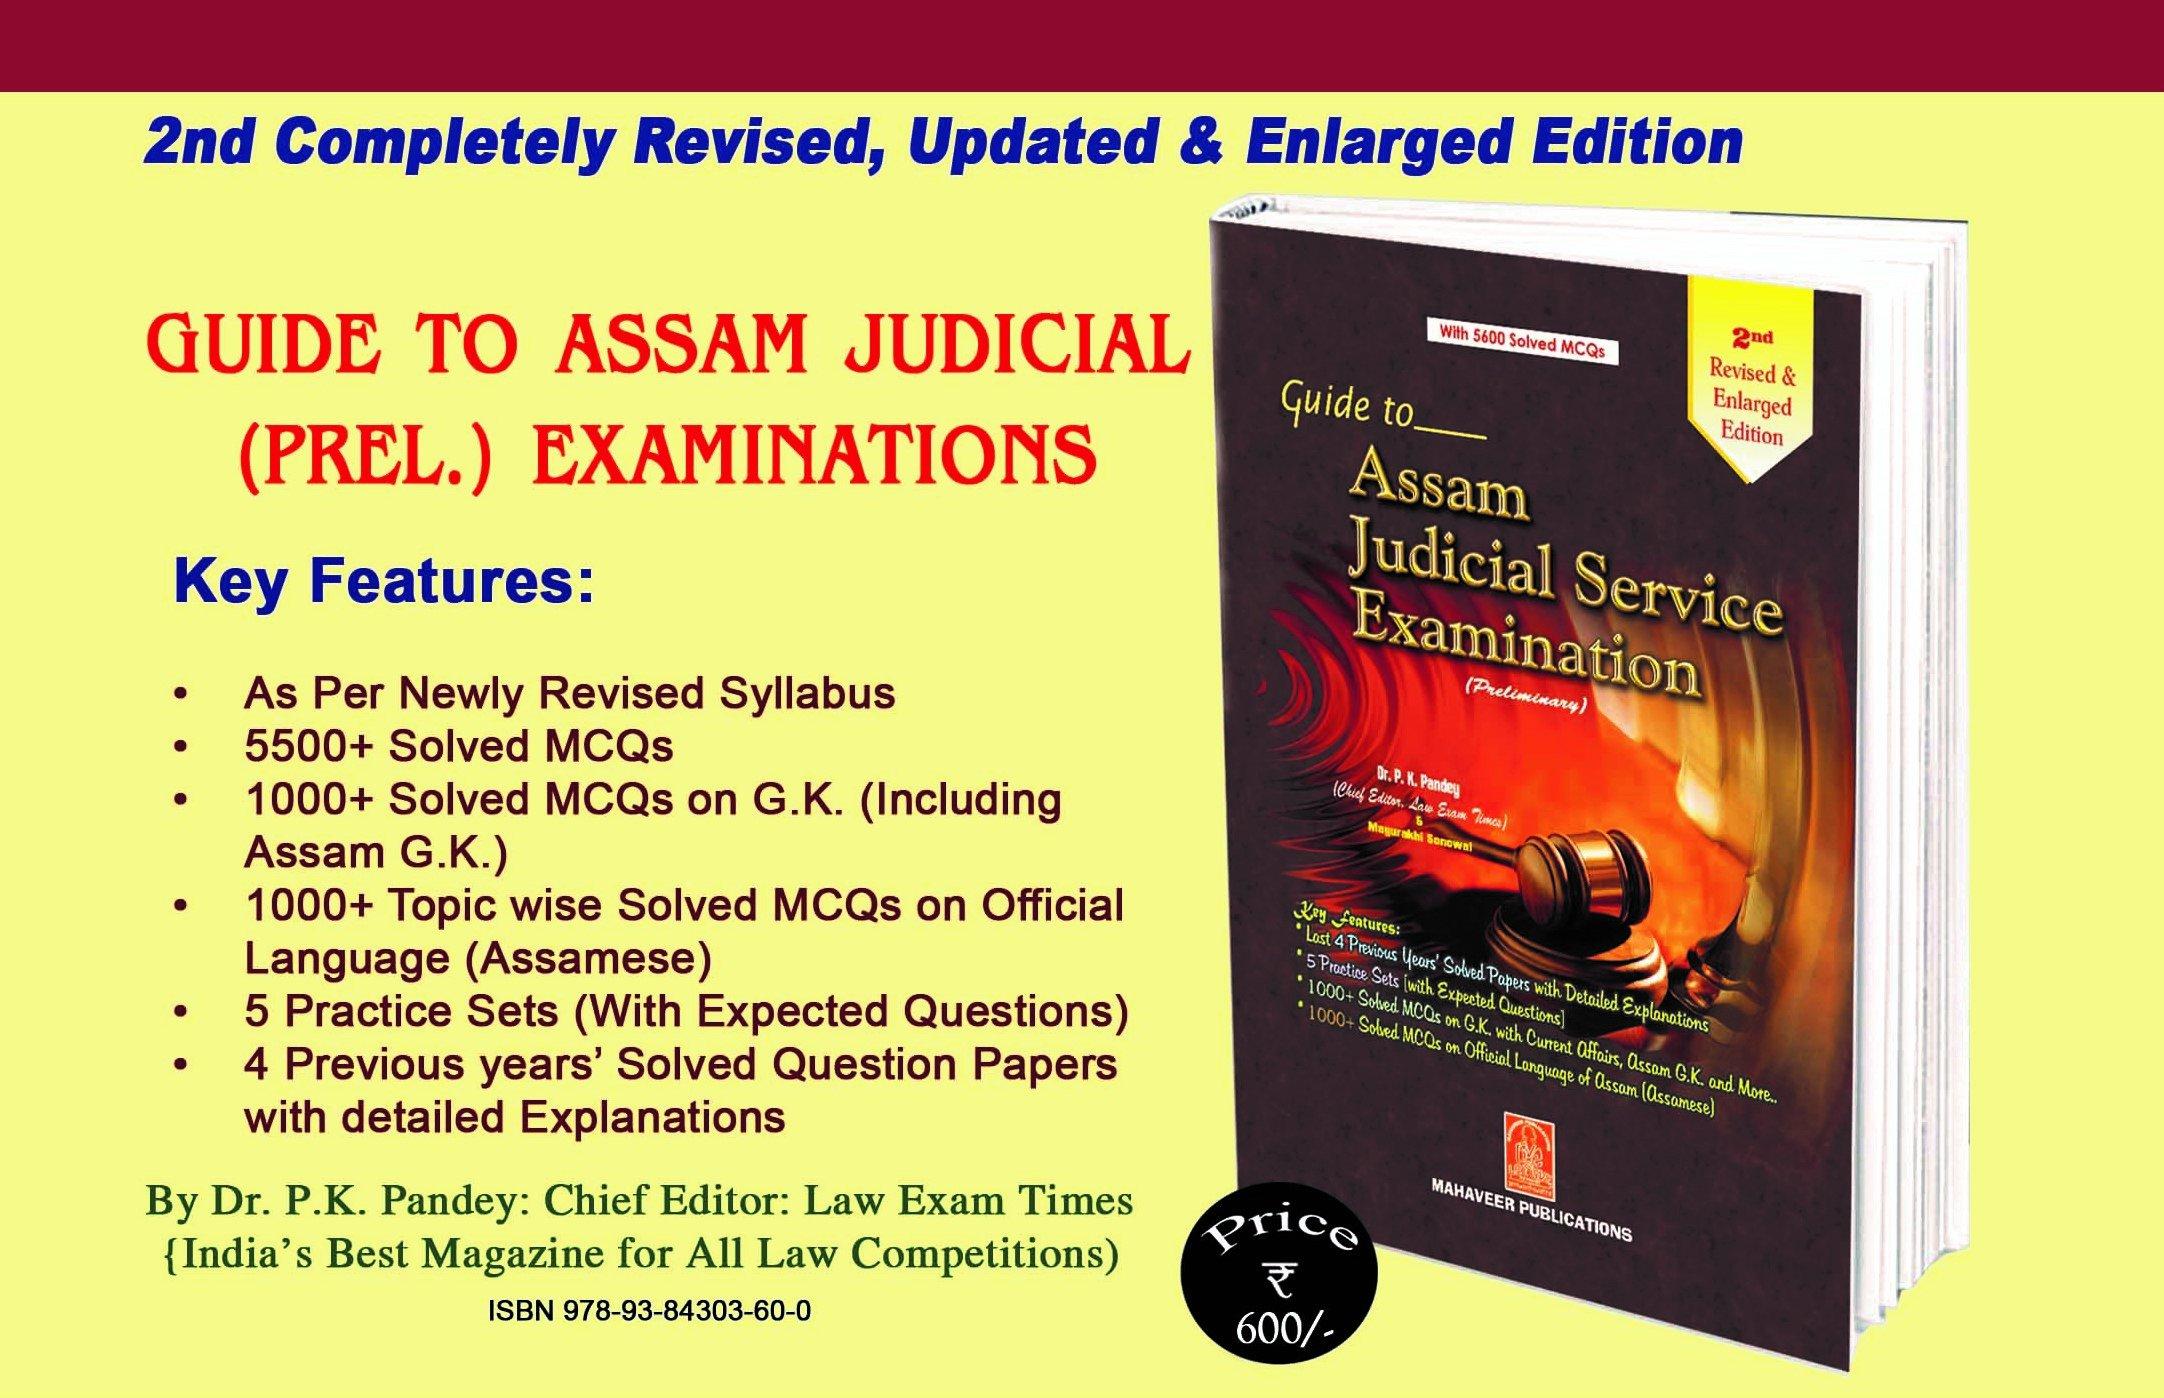 Guide to Assam Judicial Service Examination Paperback – 2016